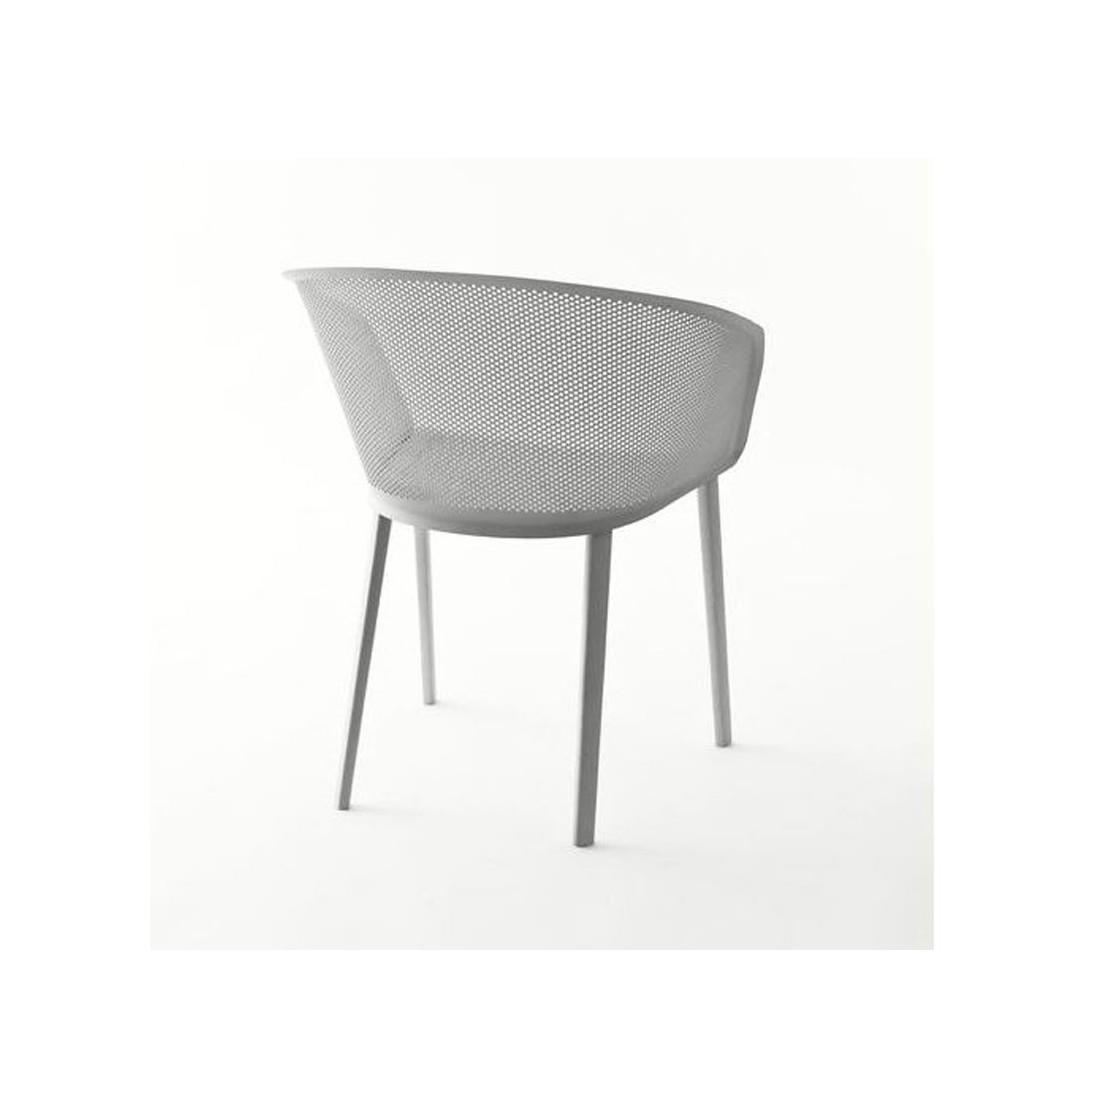 chaise de jardin kettal - Entre Les Lignes